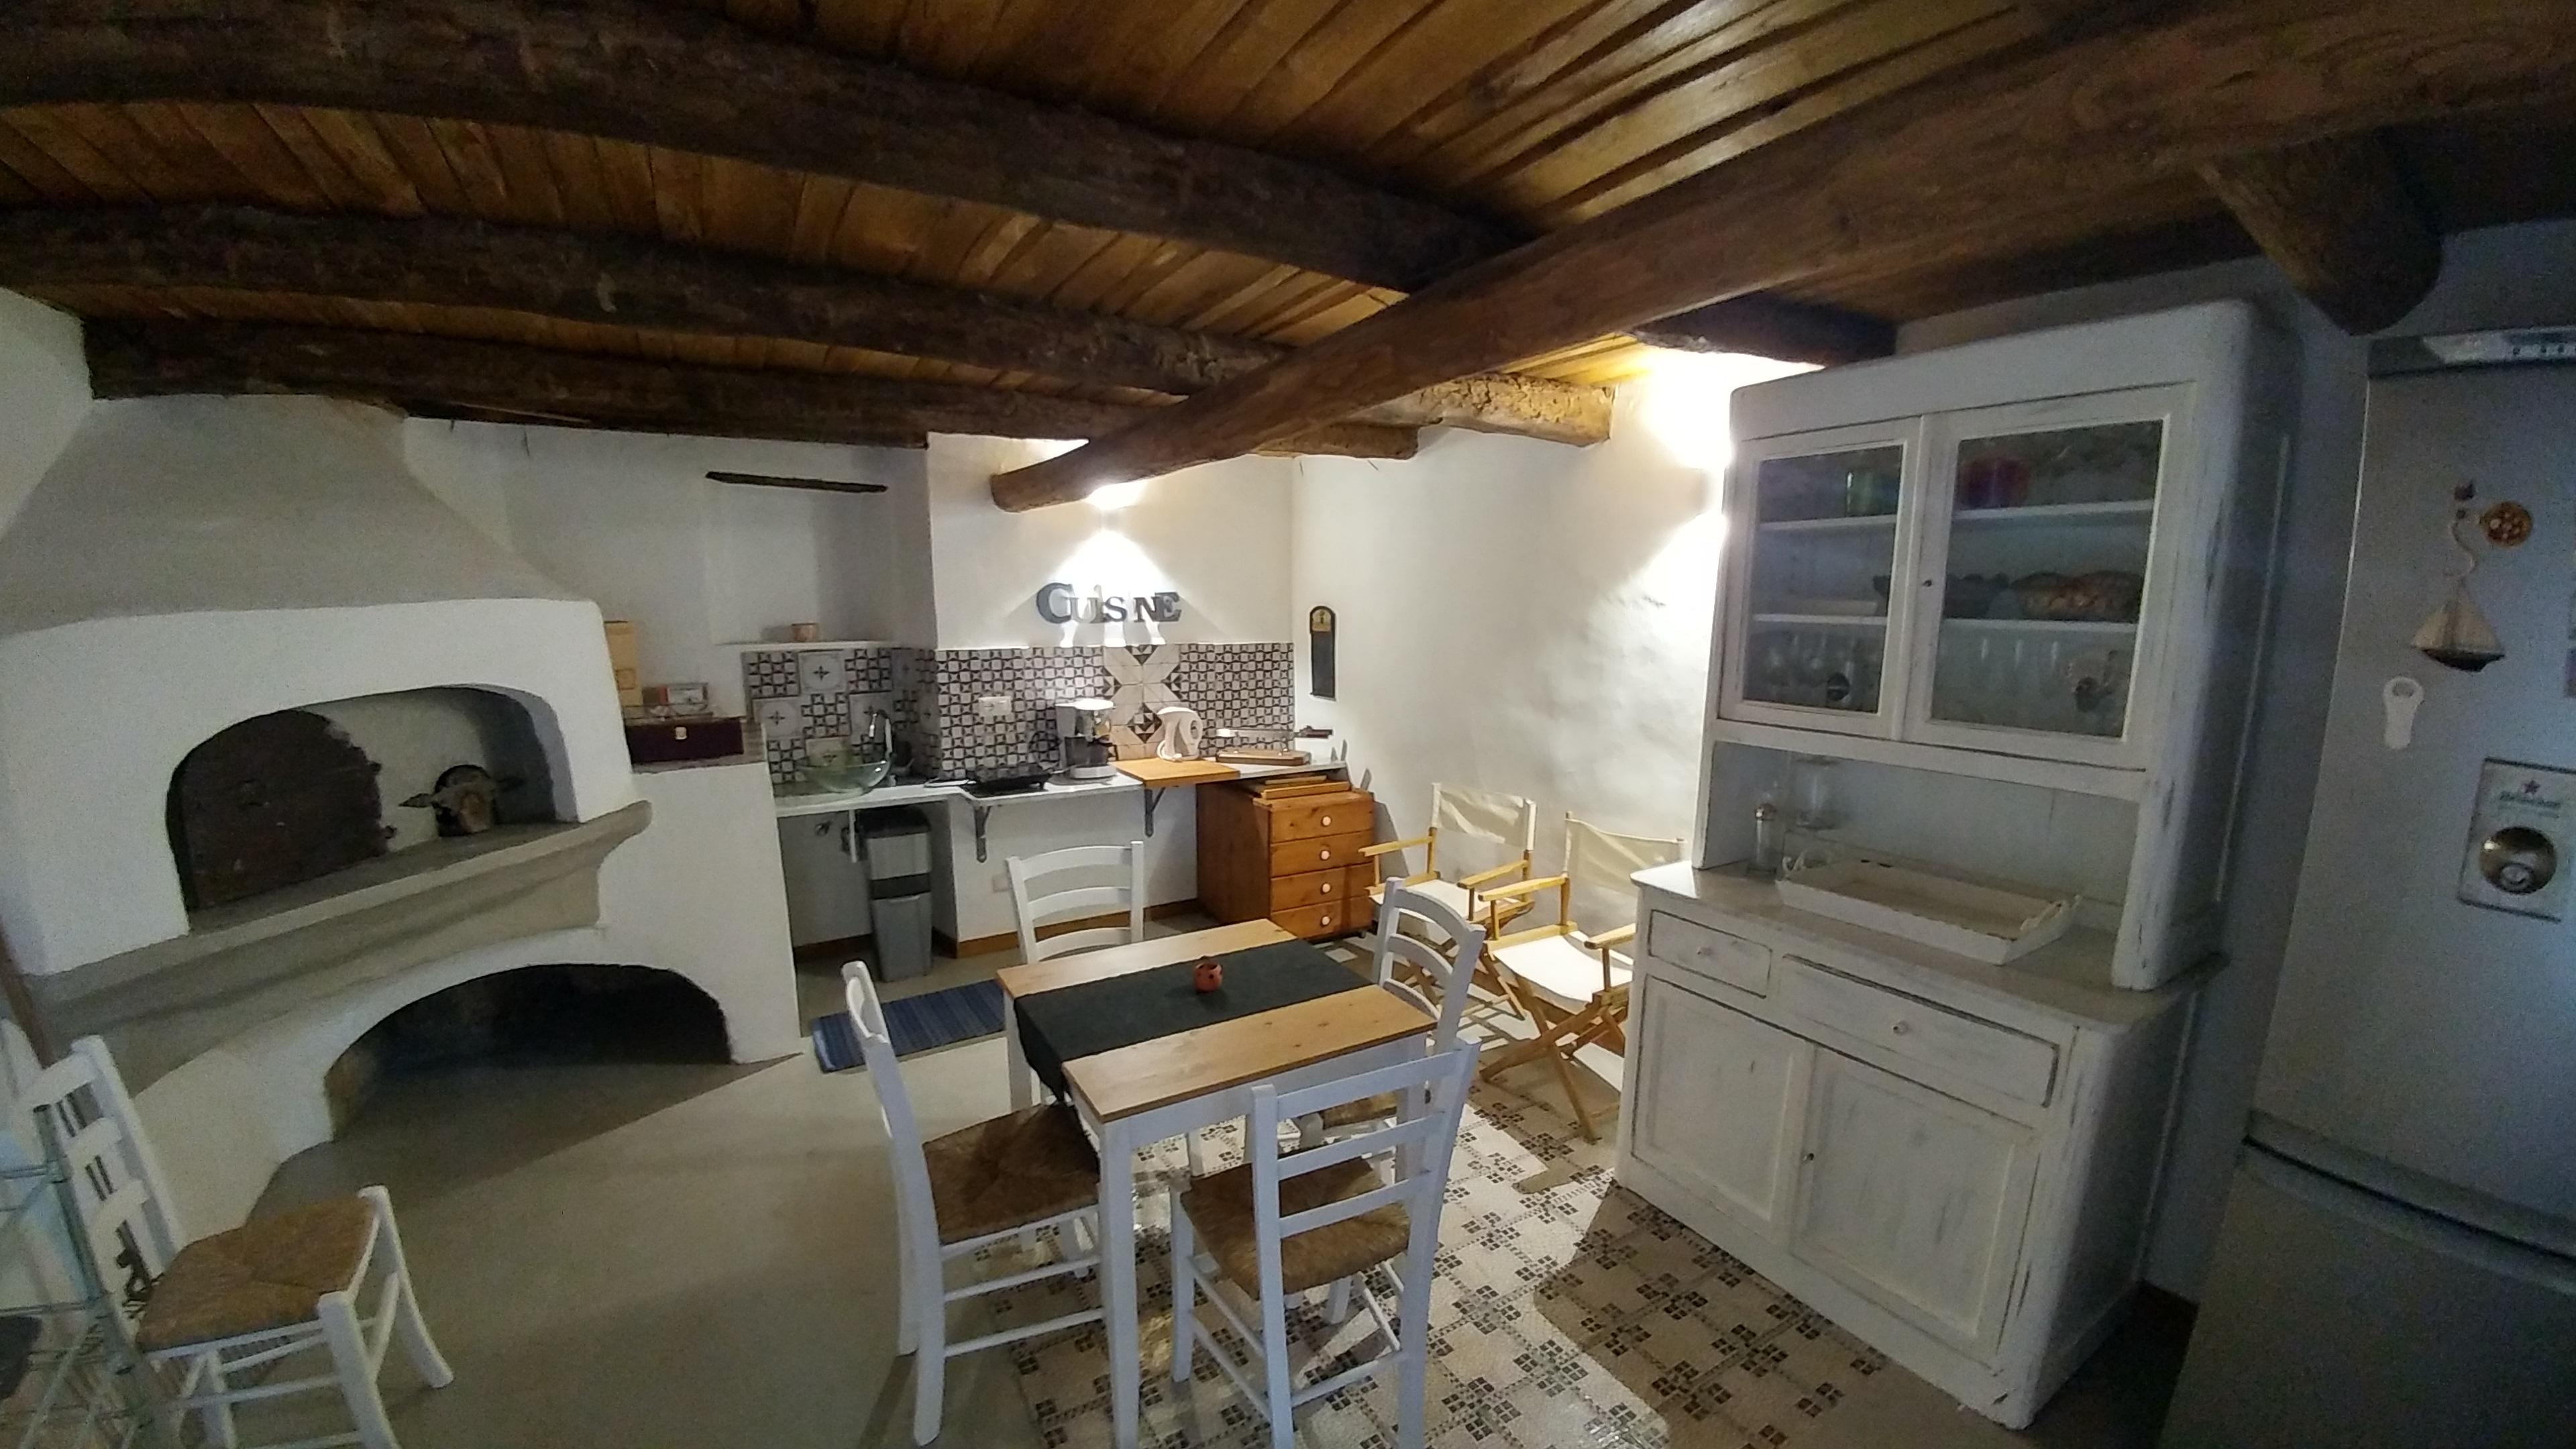 Ferienhaus Dimora Aganoor das Gstehaus - nur wenige Schritte von der Divina Costiera entf (2421007), Cava de' Tirreni, Salerno, Kampanien, Italien, Bild 13